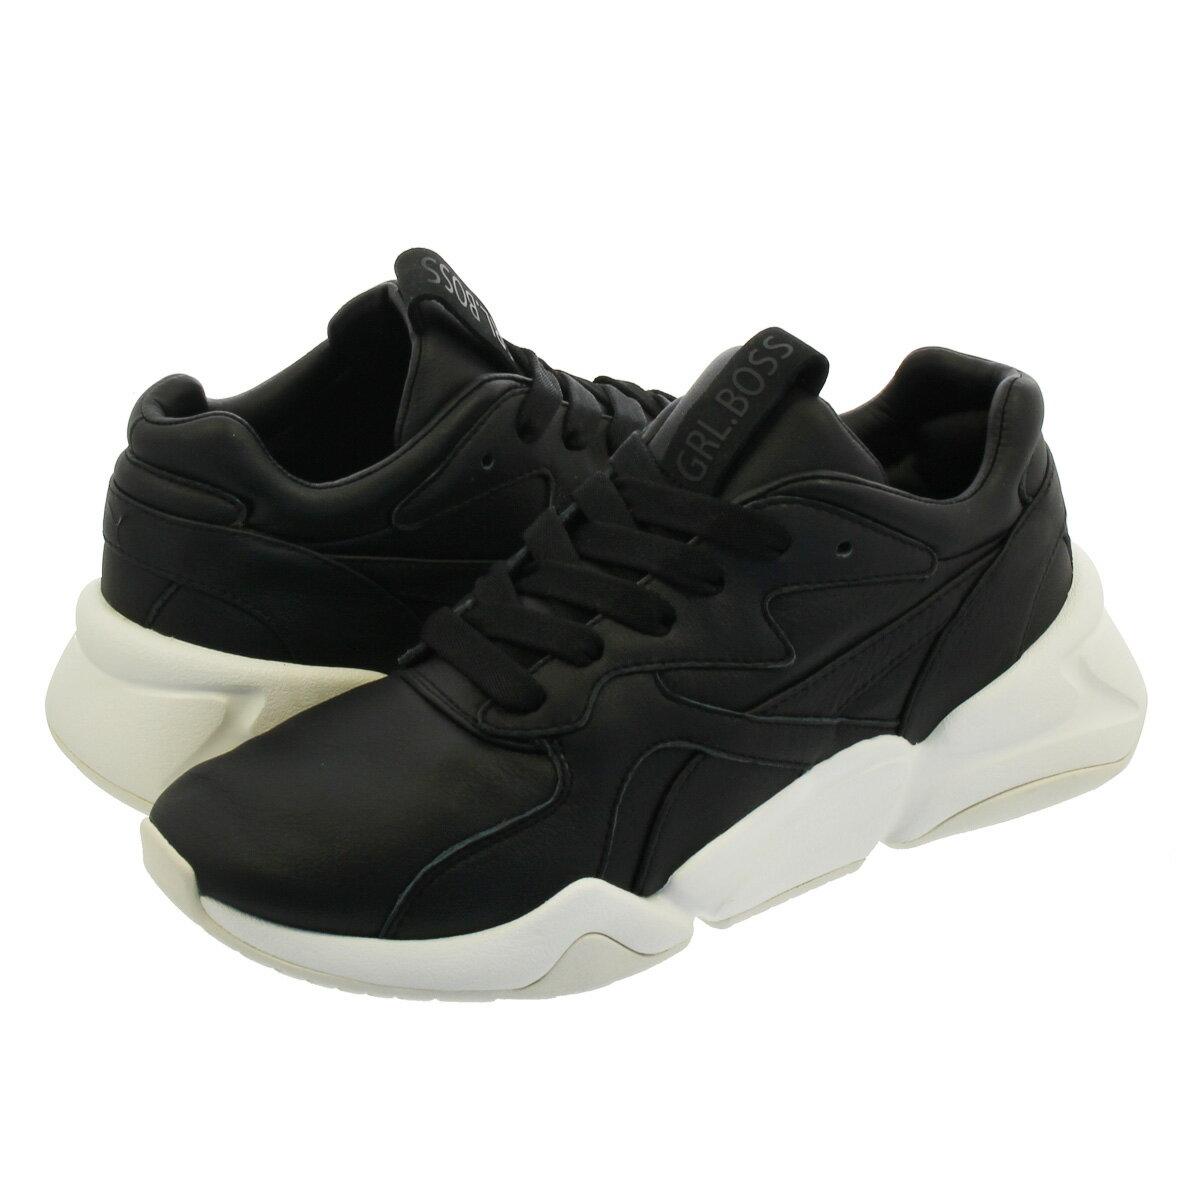 レディース靴, スニーカー SALE PUMA NOVA GRL BOSS WMNS GRL BLACKBLACK 369657-01